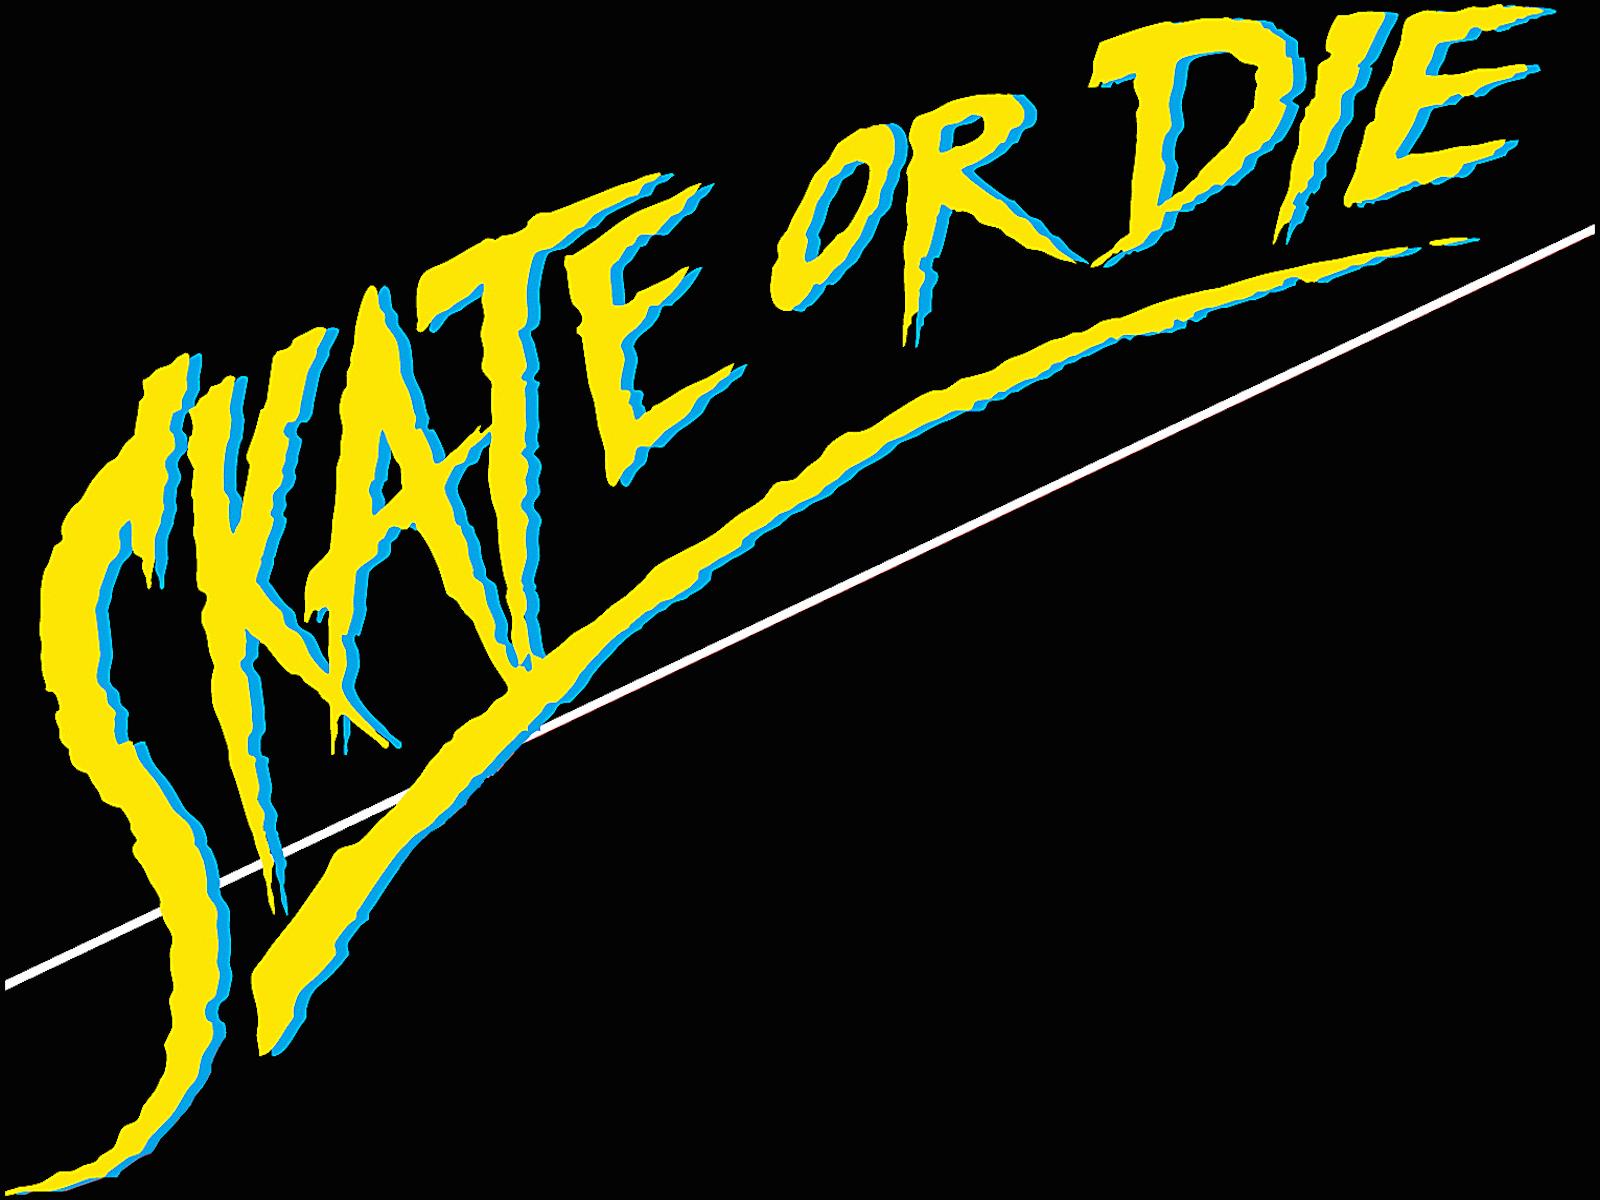 SKATE OR DIE × SKATE OR PIE